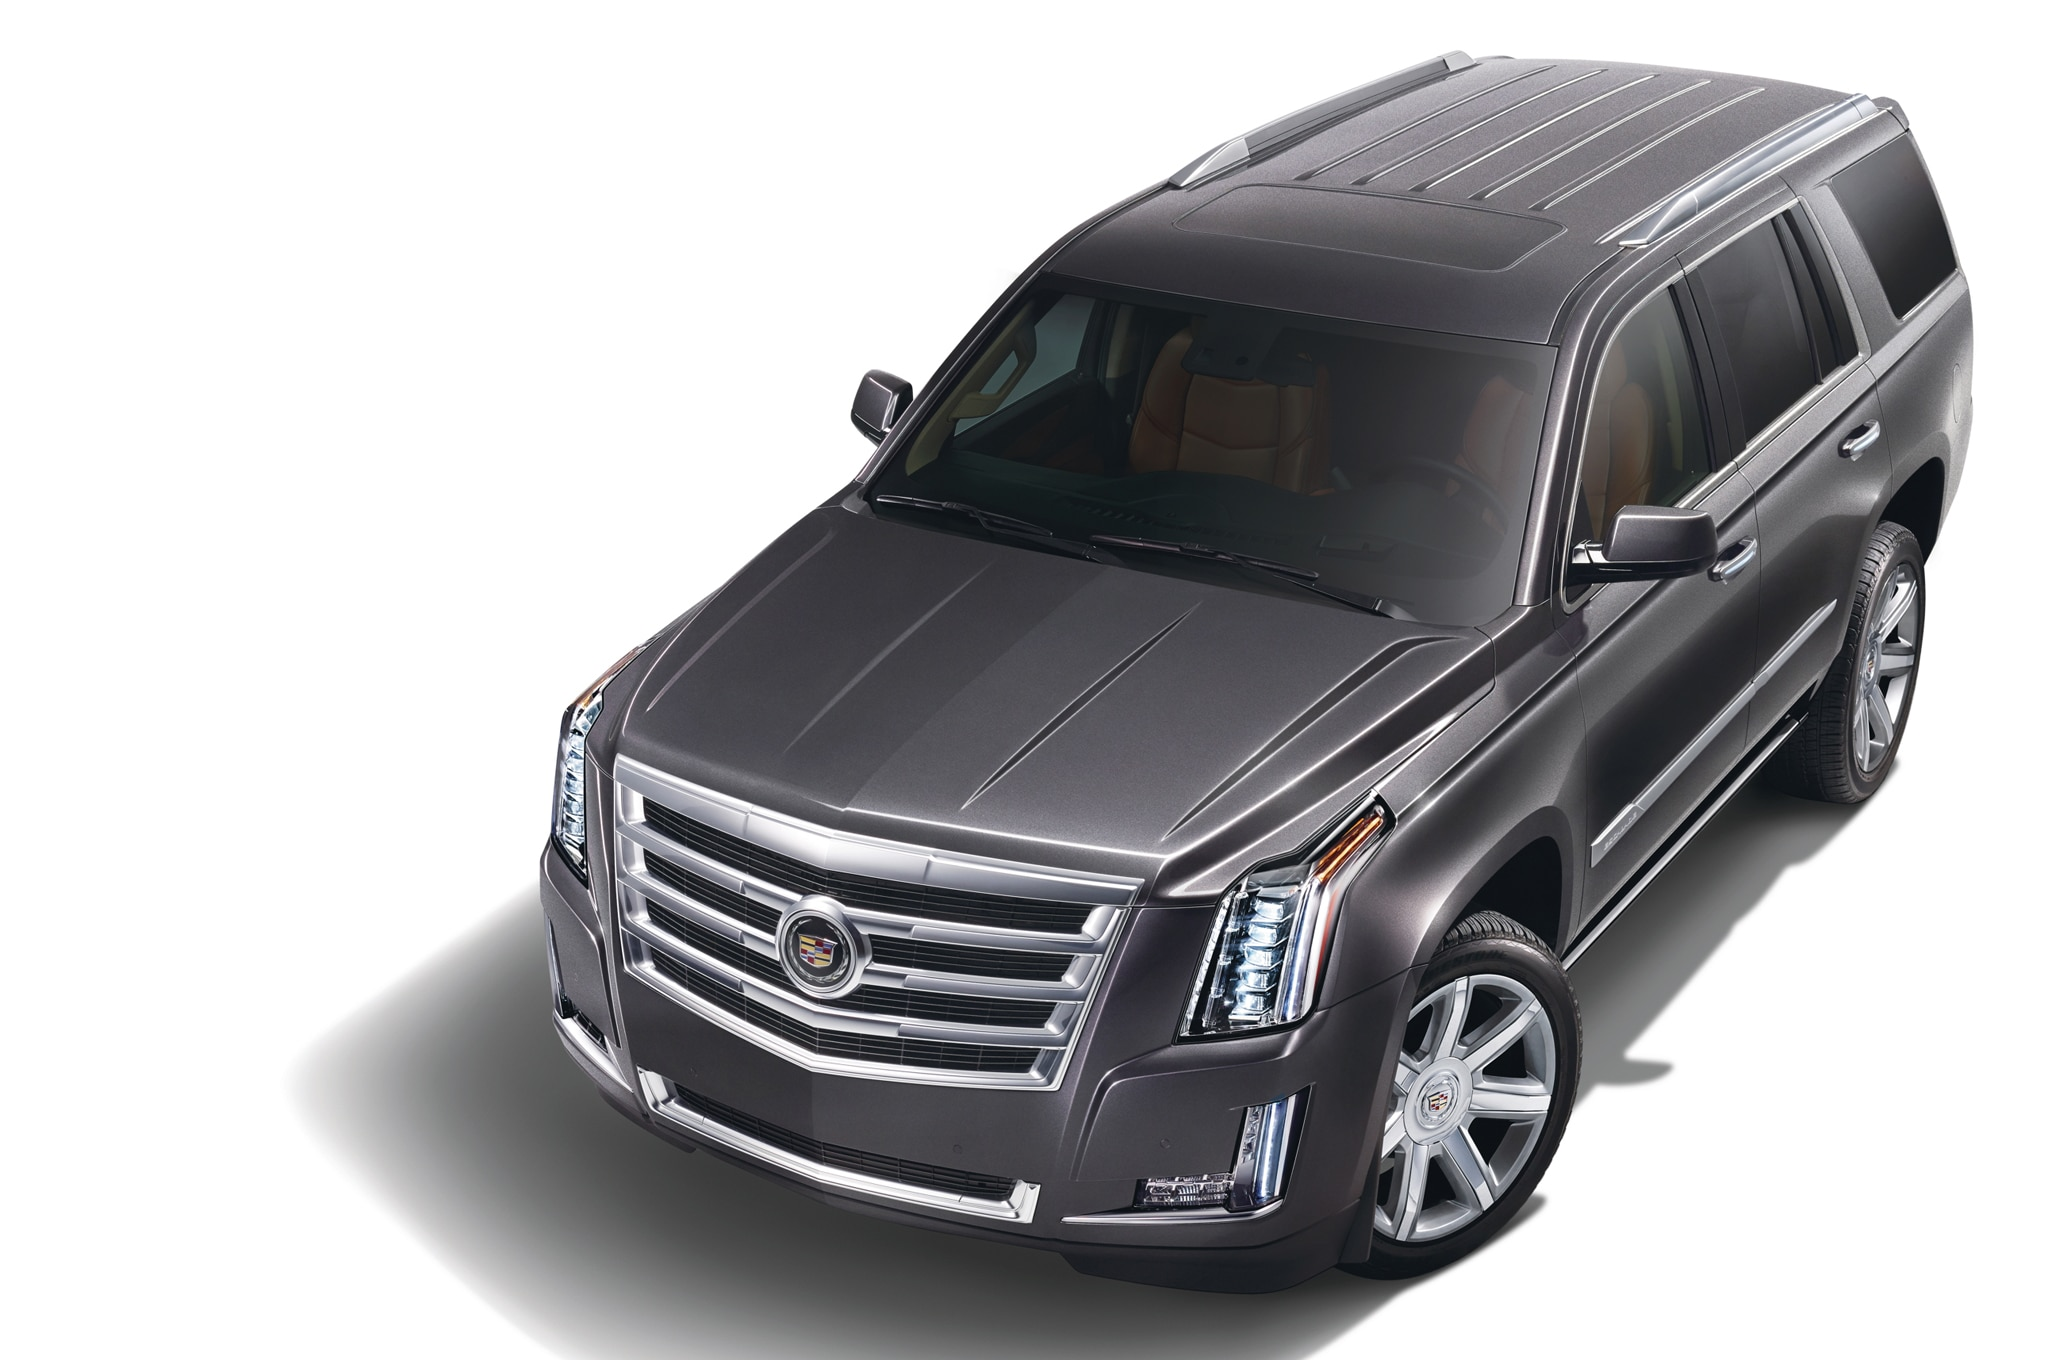 Cadillac Escalade Likely to Keep V-8 Power